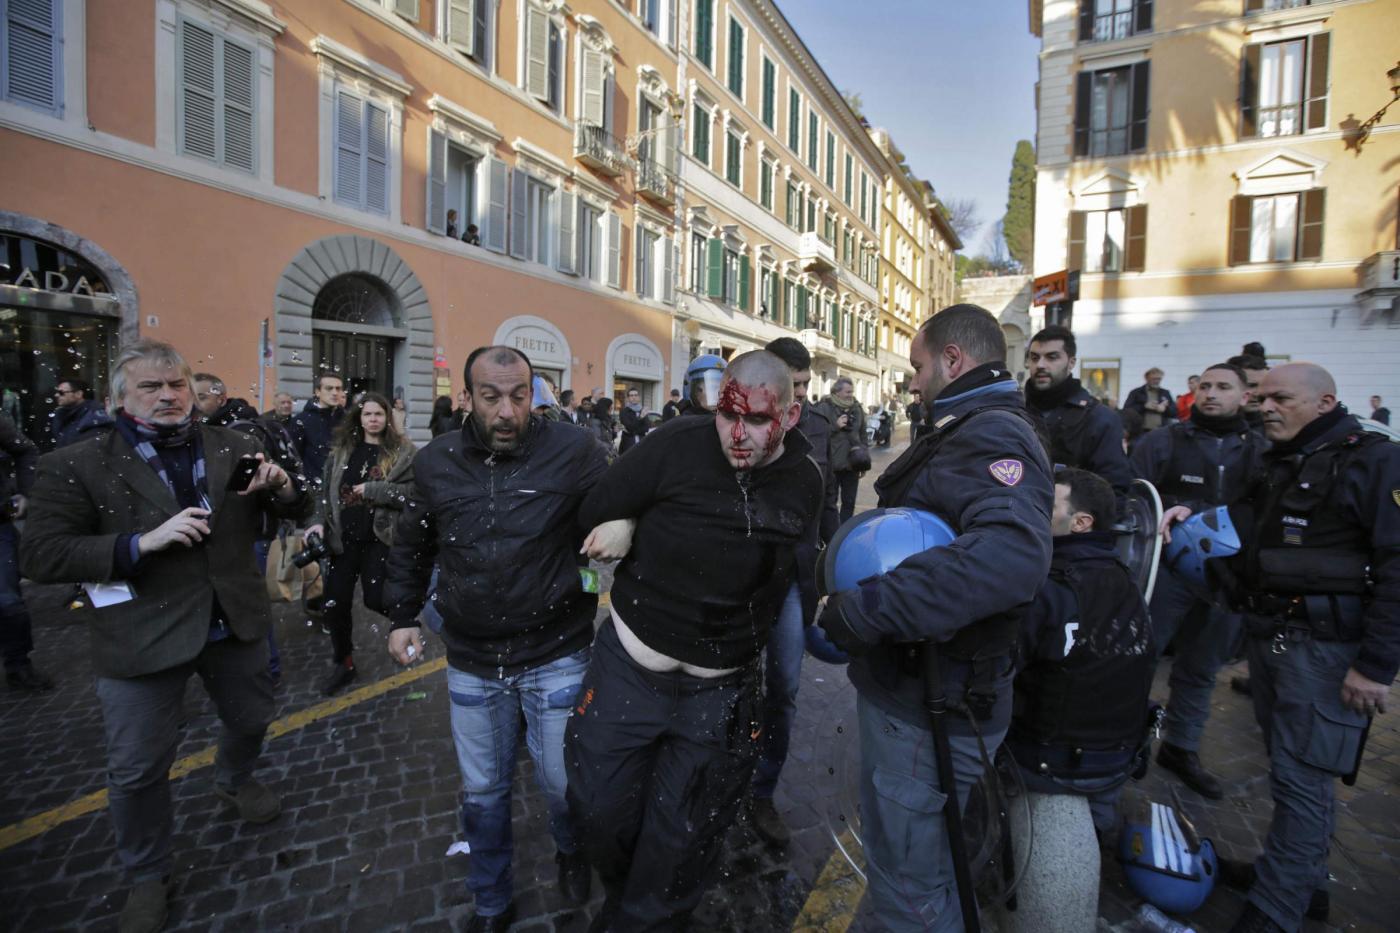 Scontri a Roma tra tifosi olandesi e polizia: è stato sottovalutato il rischio?